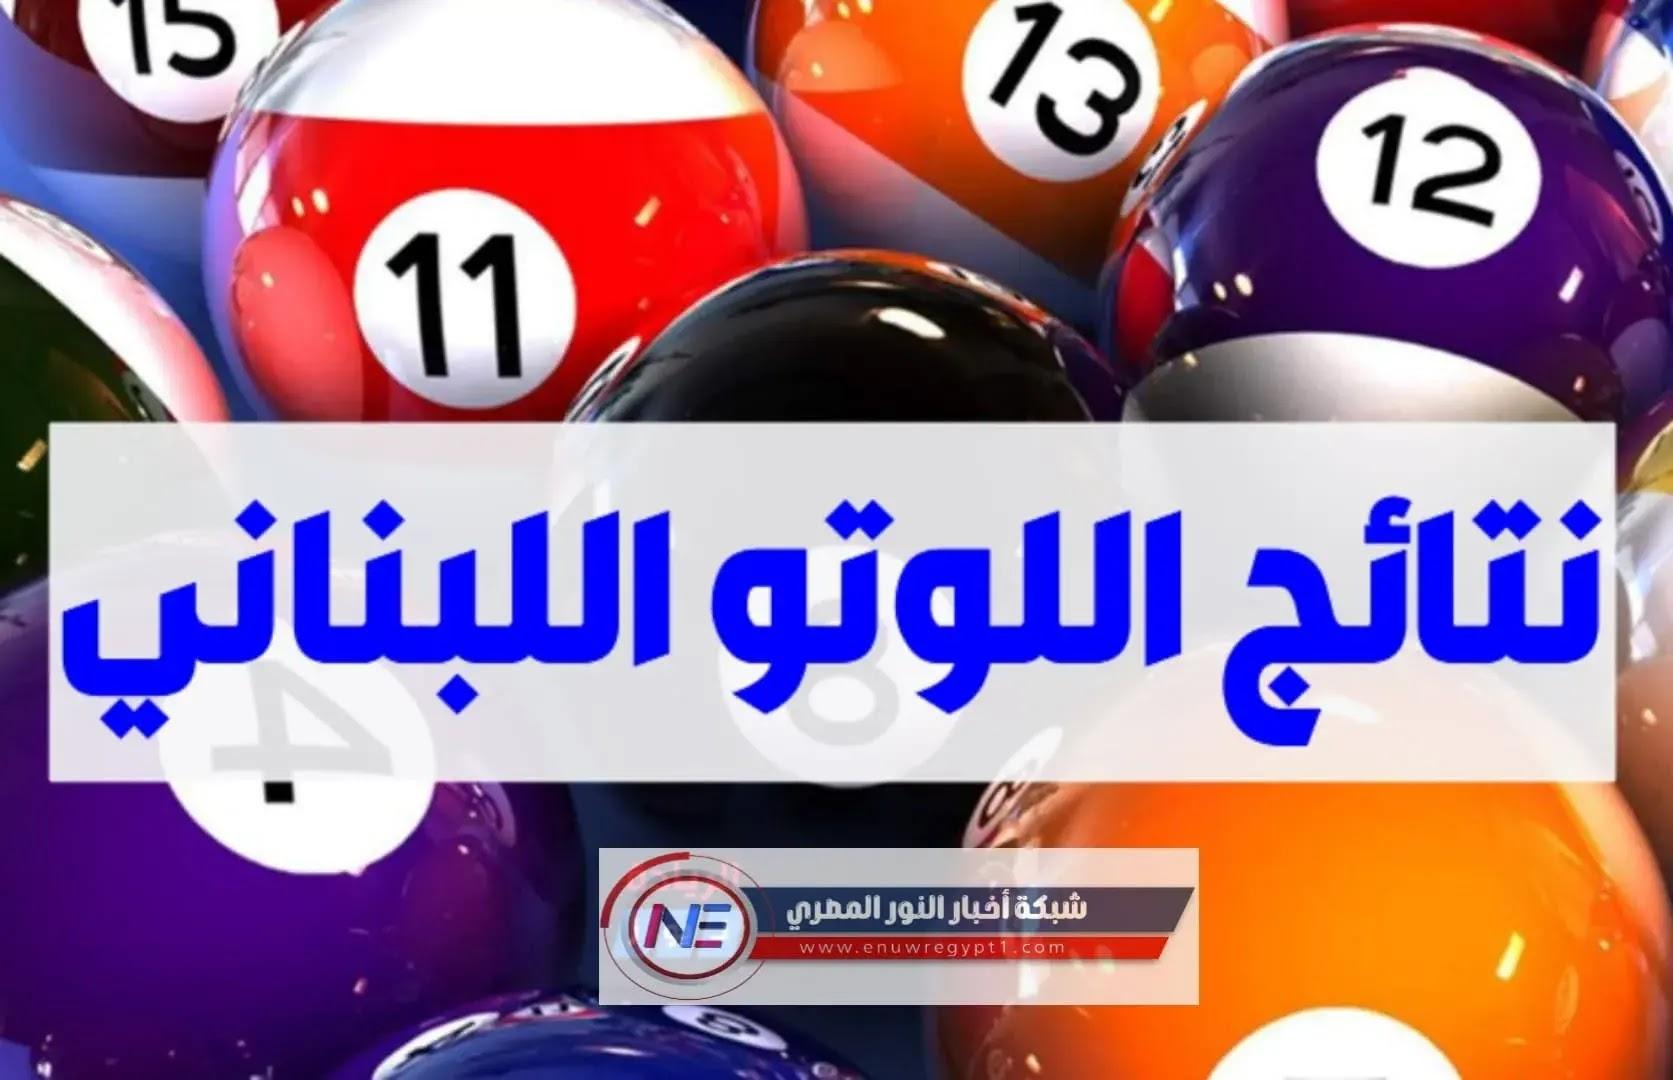 ظهرت الان  | مباشر مع الاعلامي زيد نتائج سحب اللوتو اللبناني الإصدار 1892 اليوم الخميس 15 نيسان 2021 | البطاقات الرابحة في اليانصيب الوطني اللبناني الجائزة الكبري